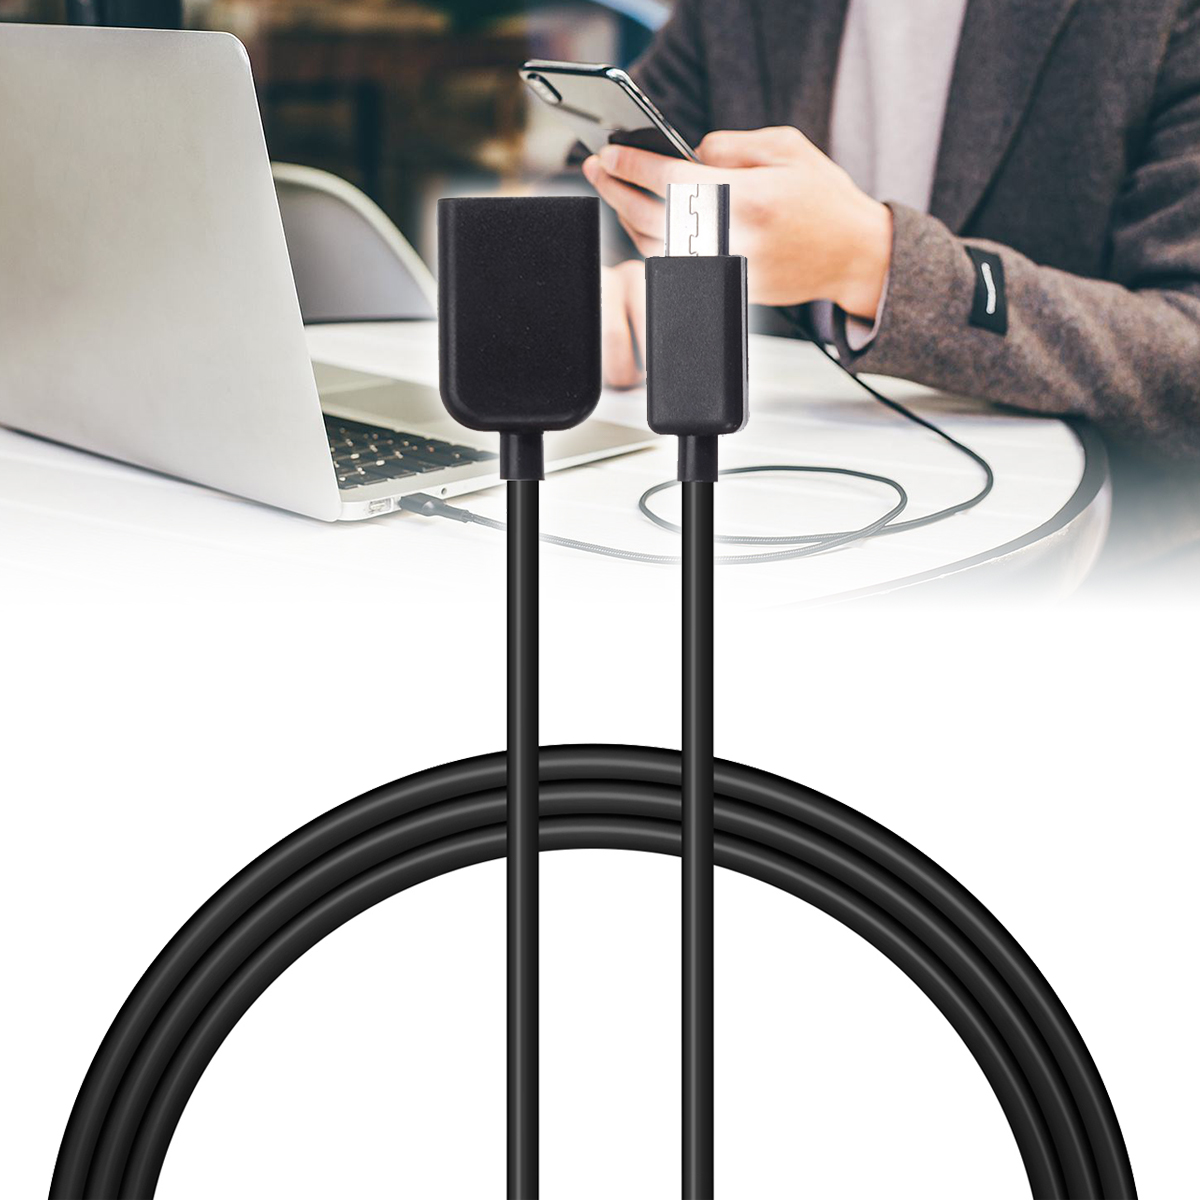 100 см кабель для передачи данных Шнур Стандартный Micro USB 2,0 Тип A мужчин и женщин зарядное устройство с удлинителем зарядный кабель черный